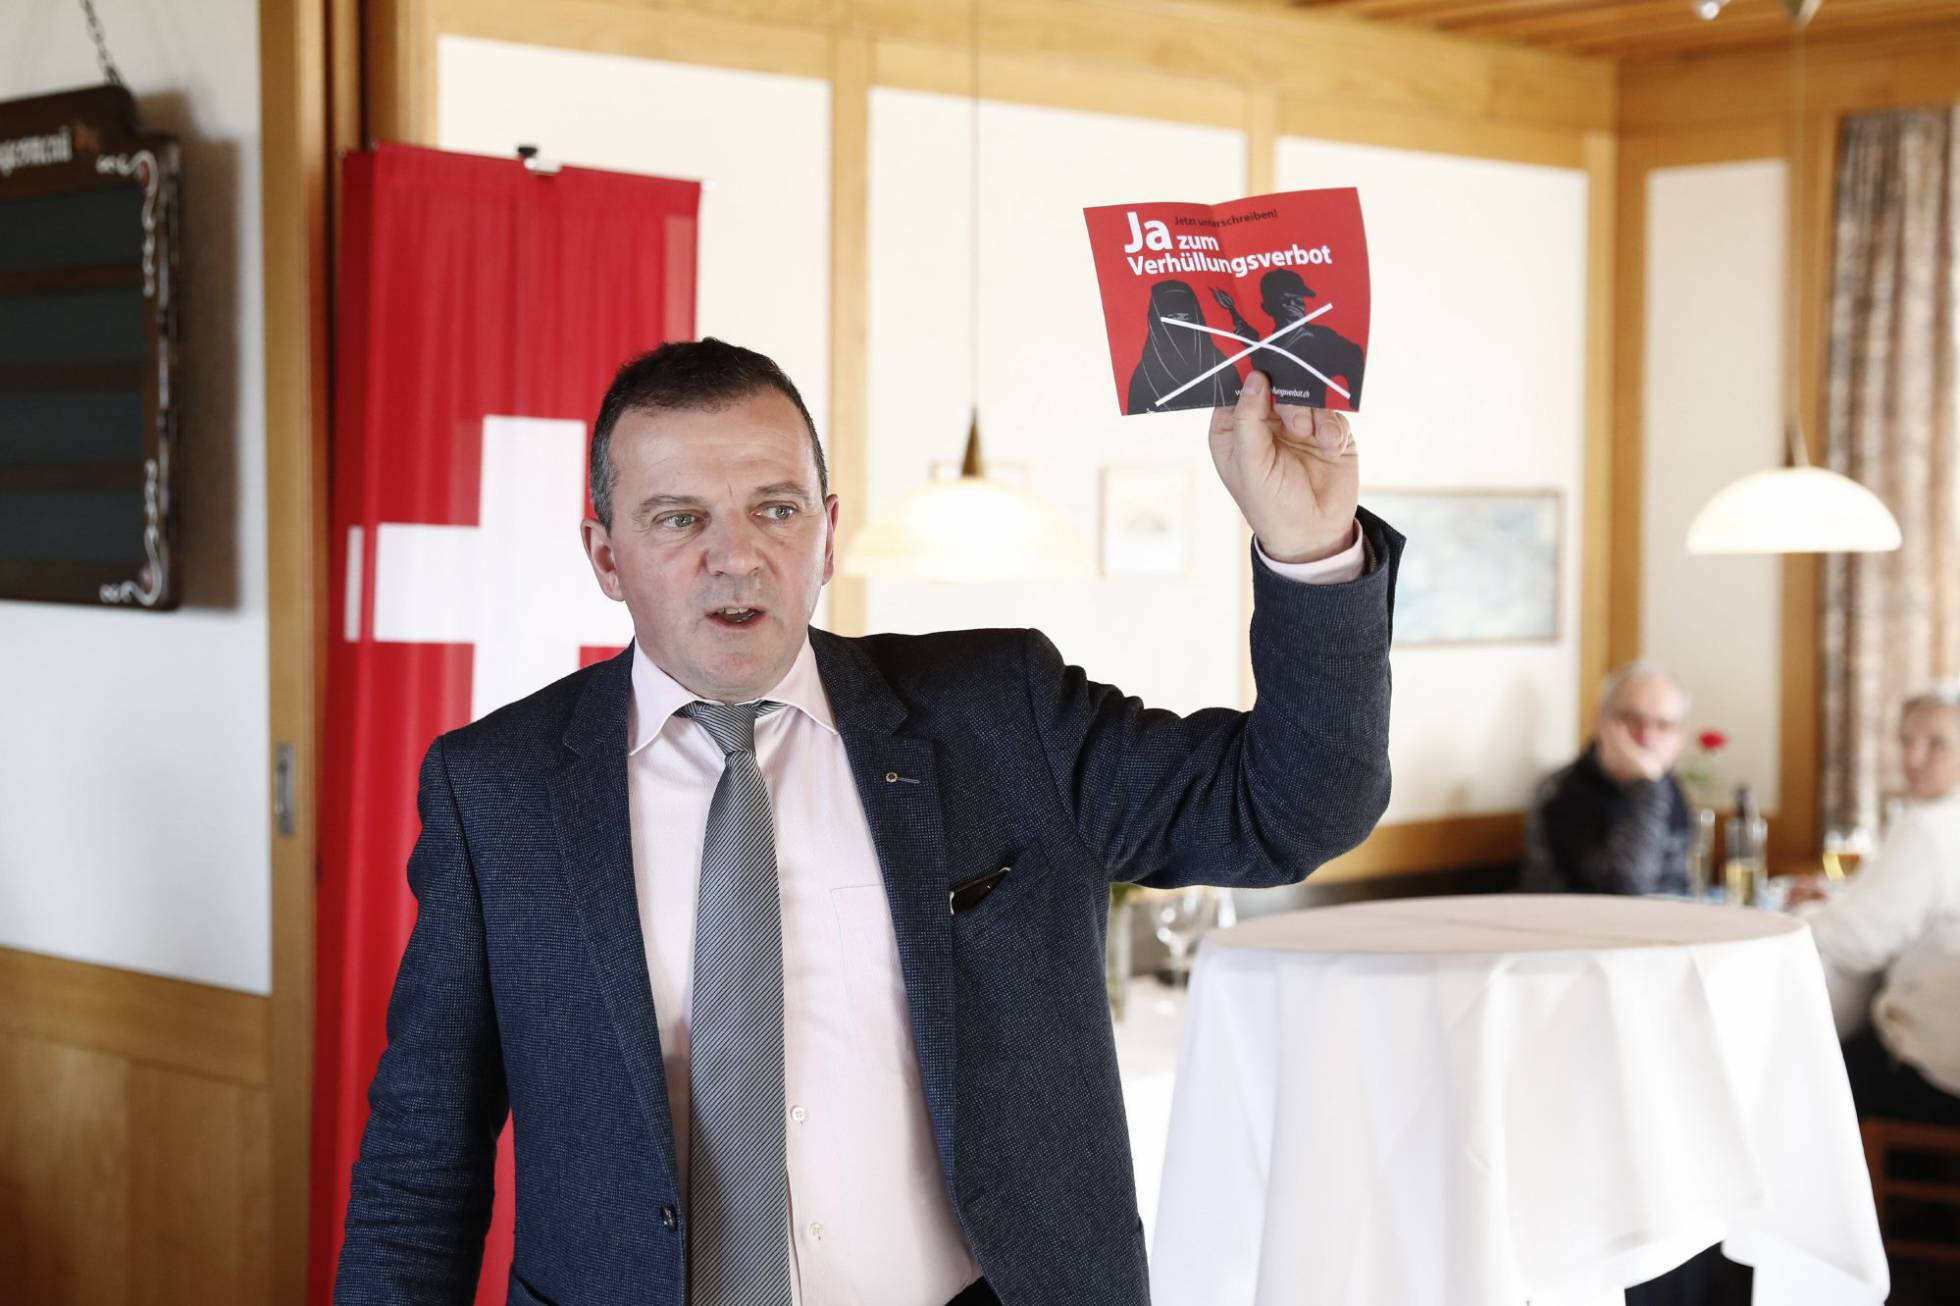 Suiza: Políticas sobre inmigrantes de Europa y de otros continentes. 1486914174_691245_1486914409_noticia_normal_recorte1